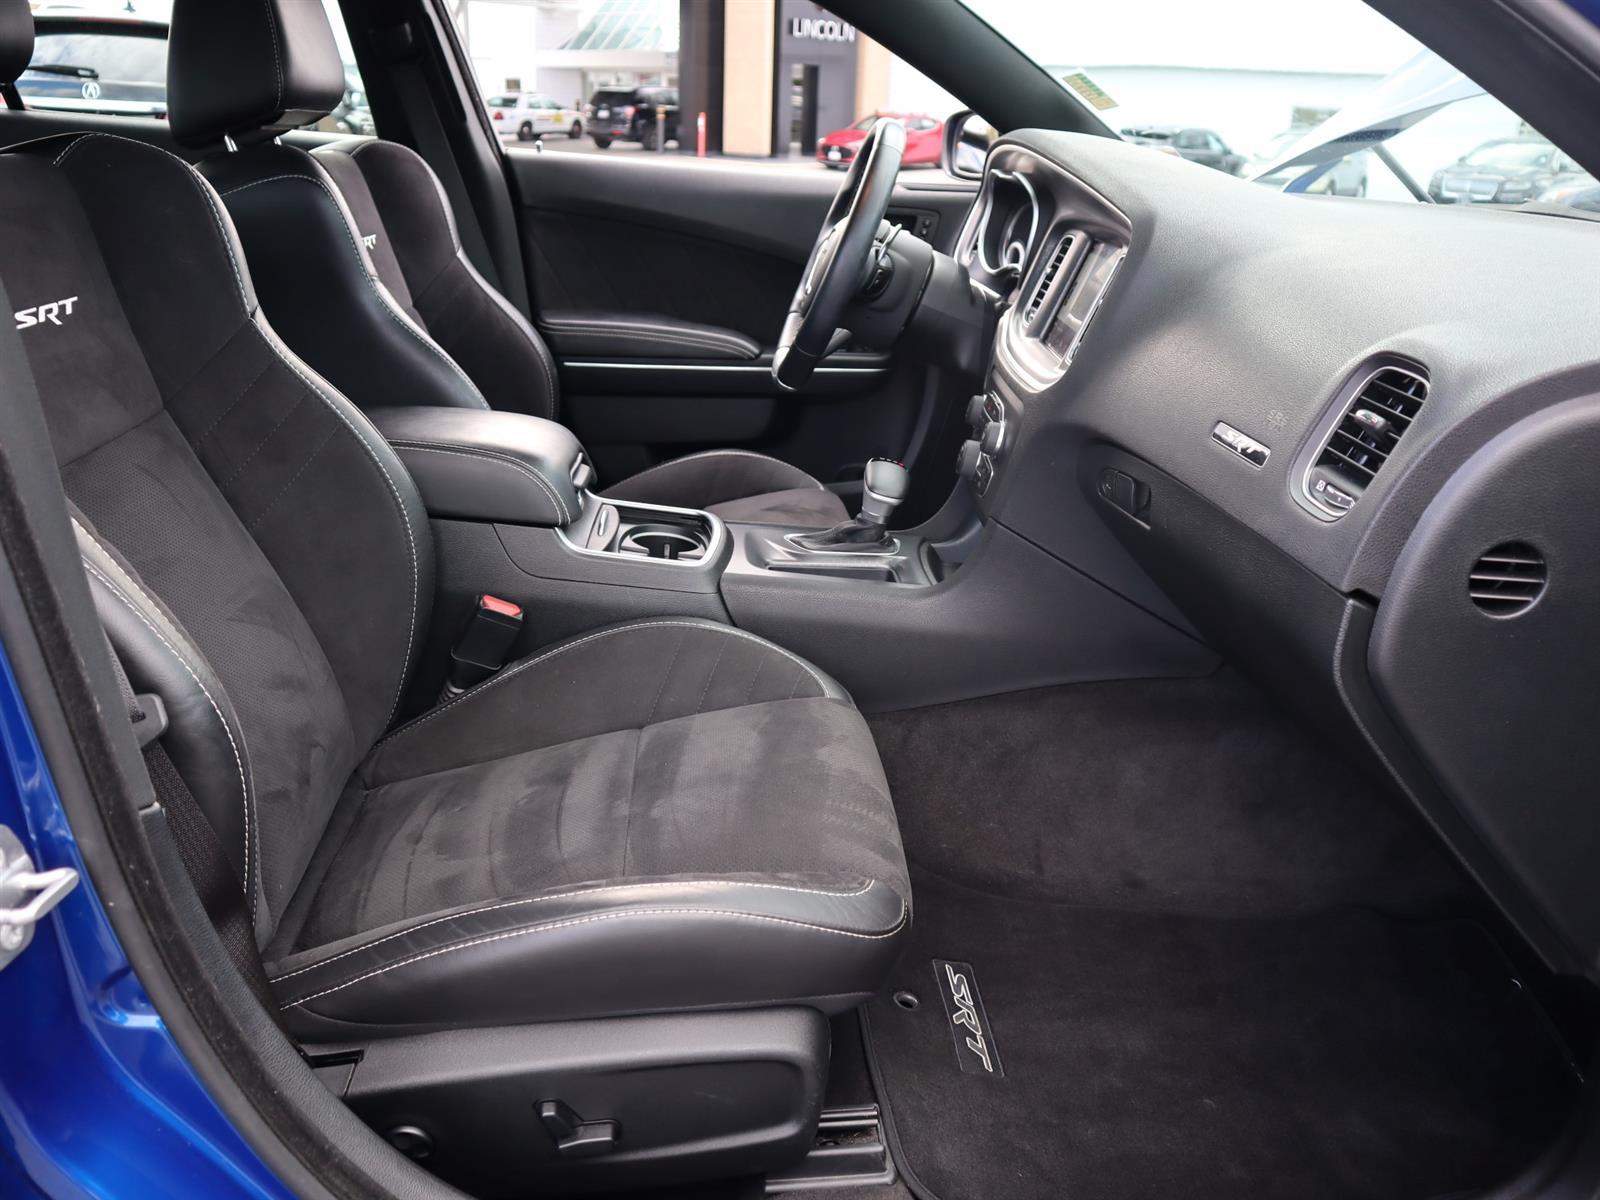 2018 Dodge CHARGER SRT 392